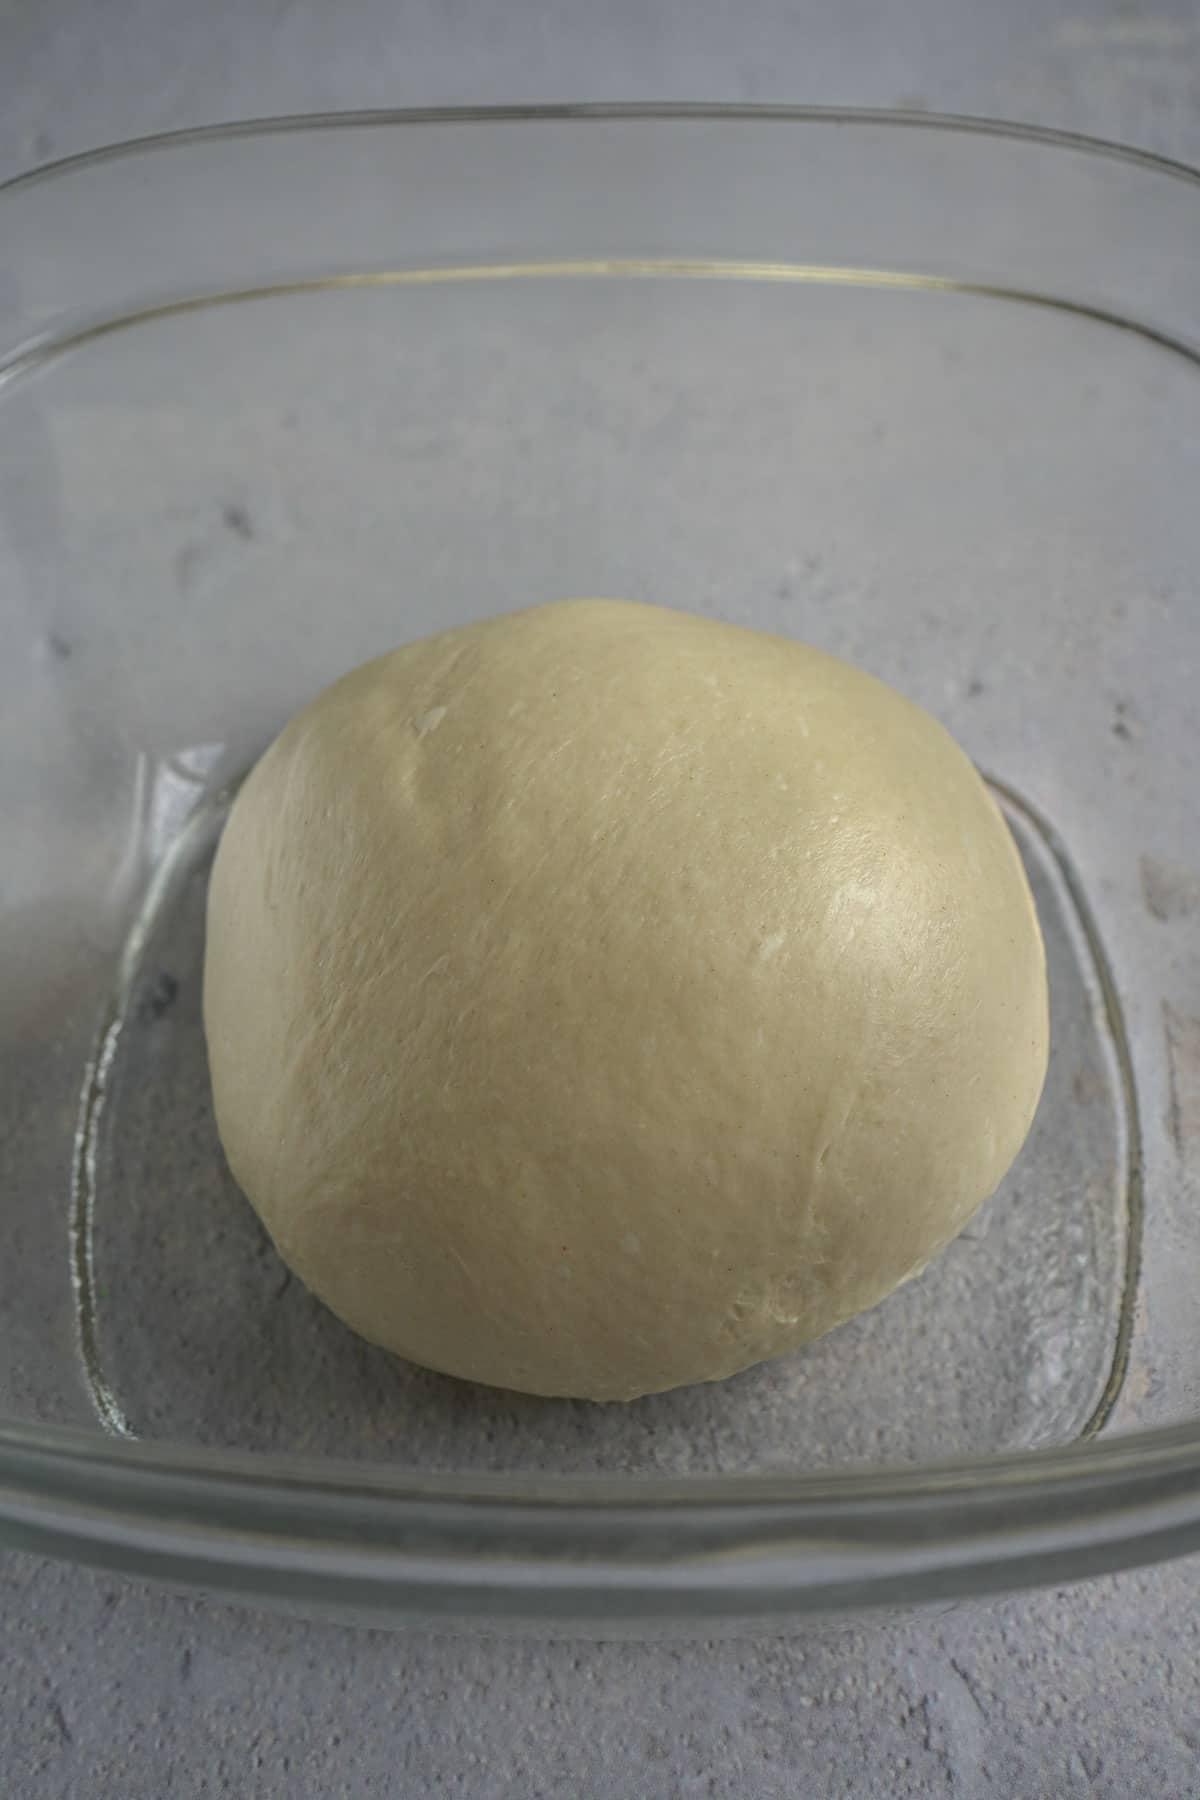 milk bun dough before first proof.